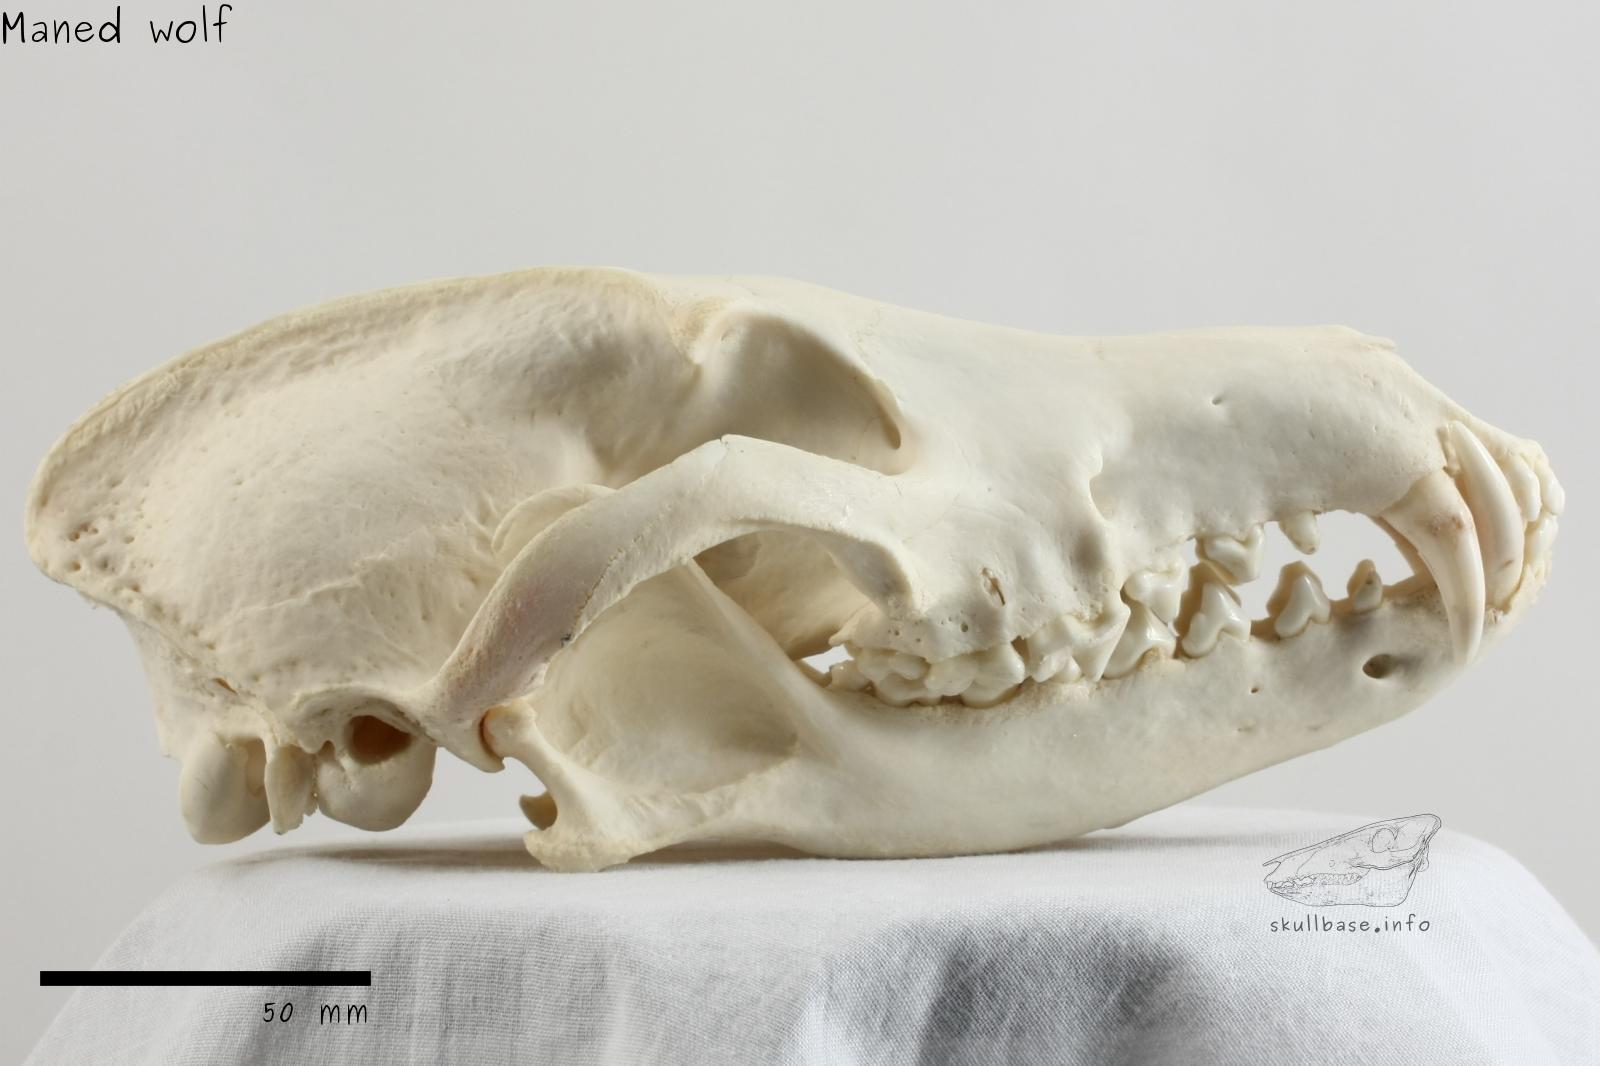 http://skullbase.info/skulls/mammals/maned_wolf/maned_wolf1.jpg